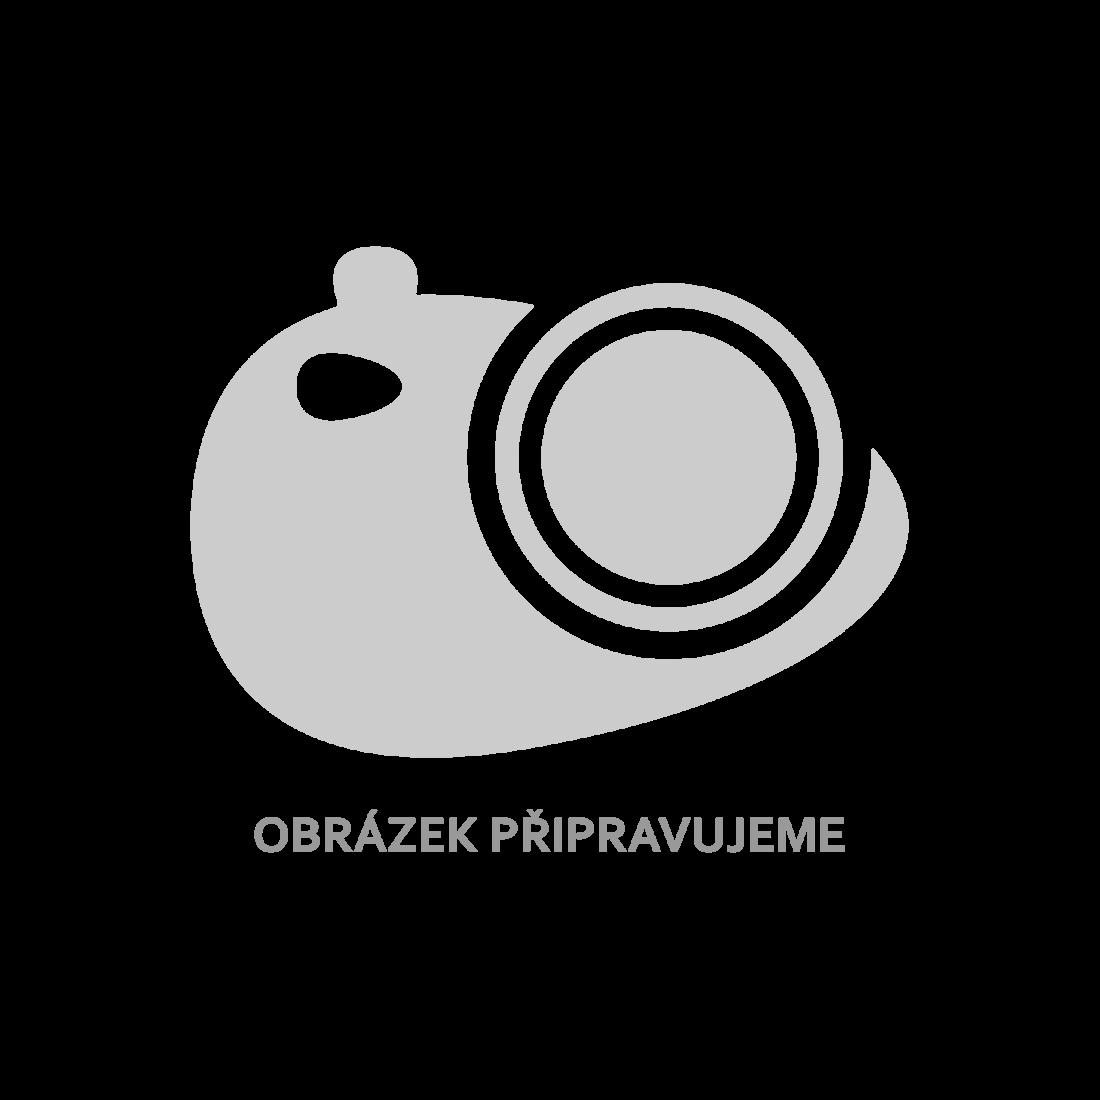 Impregnovaná brána laťový plot 2 ks 300x120 cm dřevo